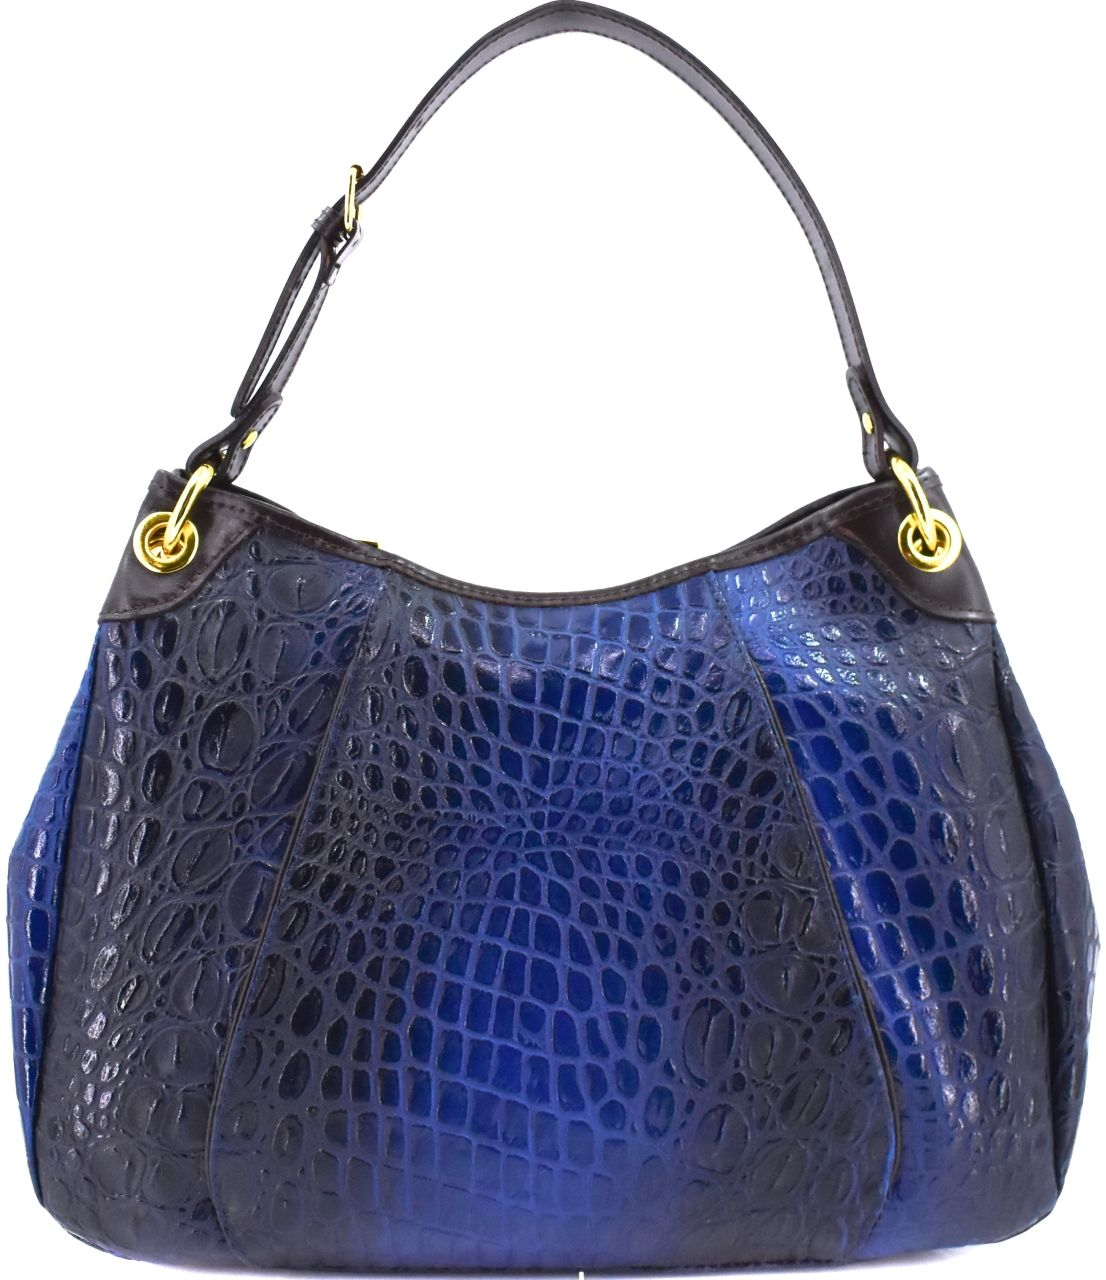 Dámská kožená kabelka croco Arteddy - tmavě modrá 22598